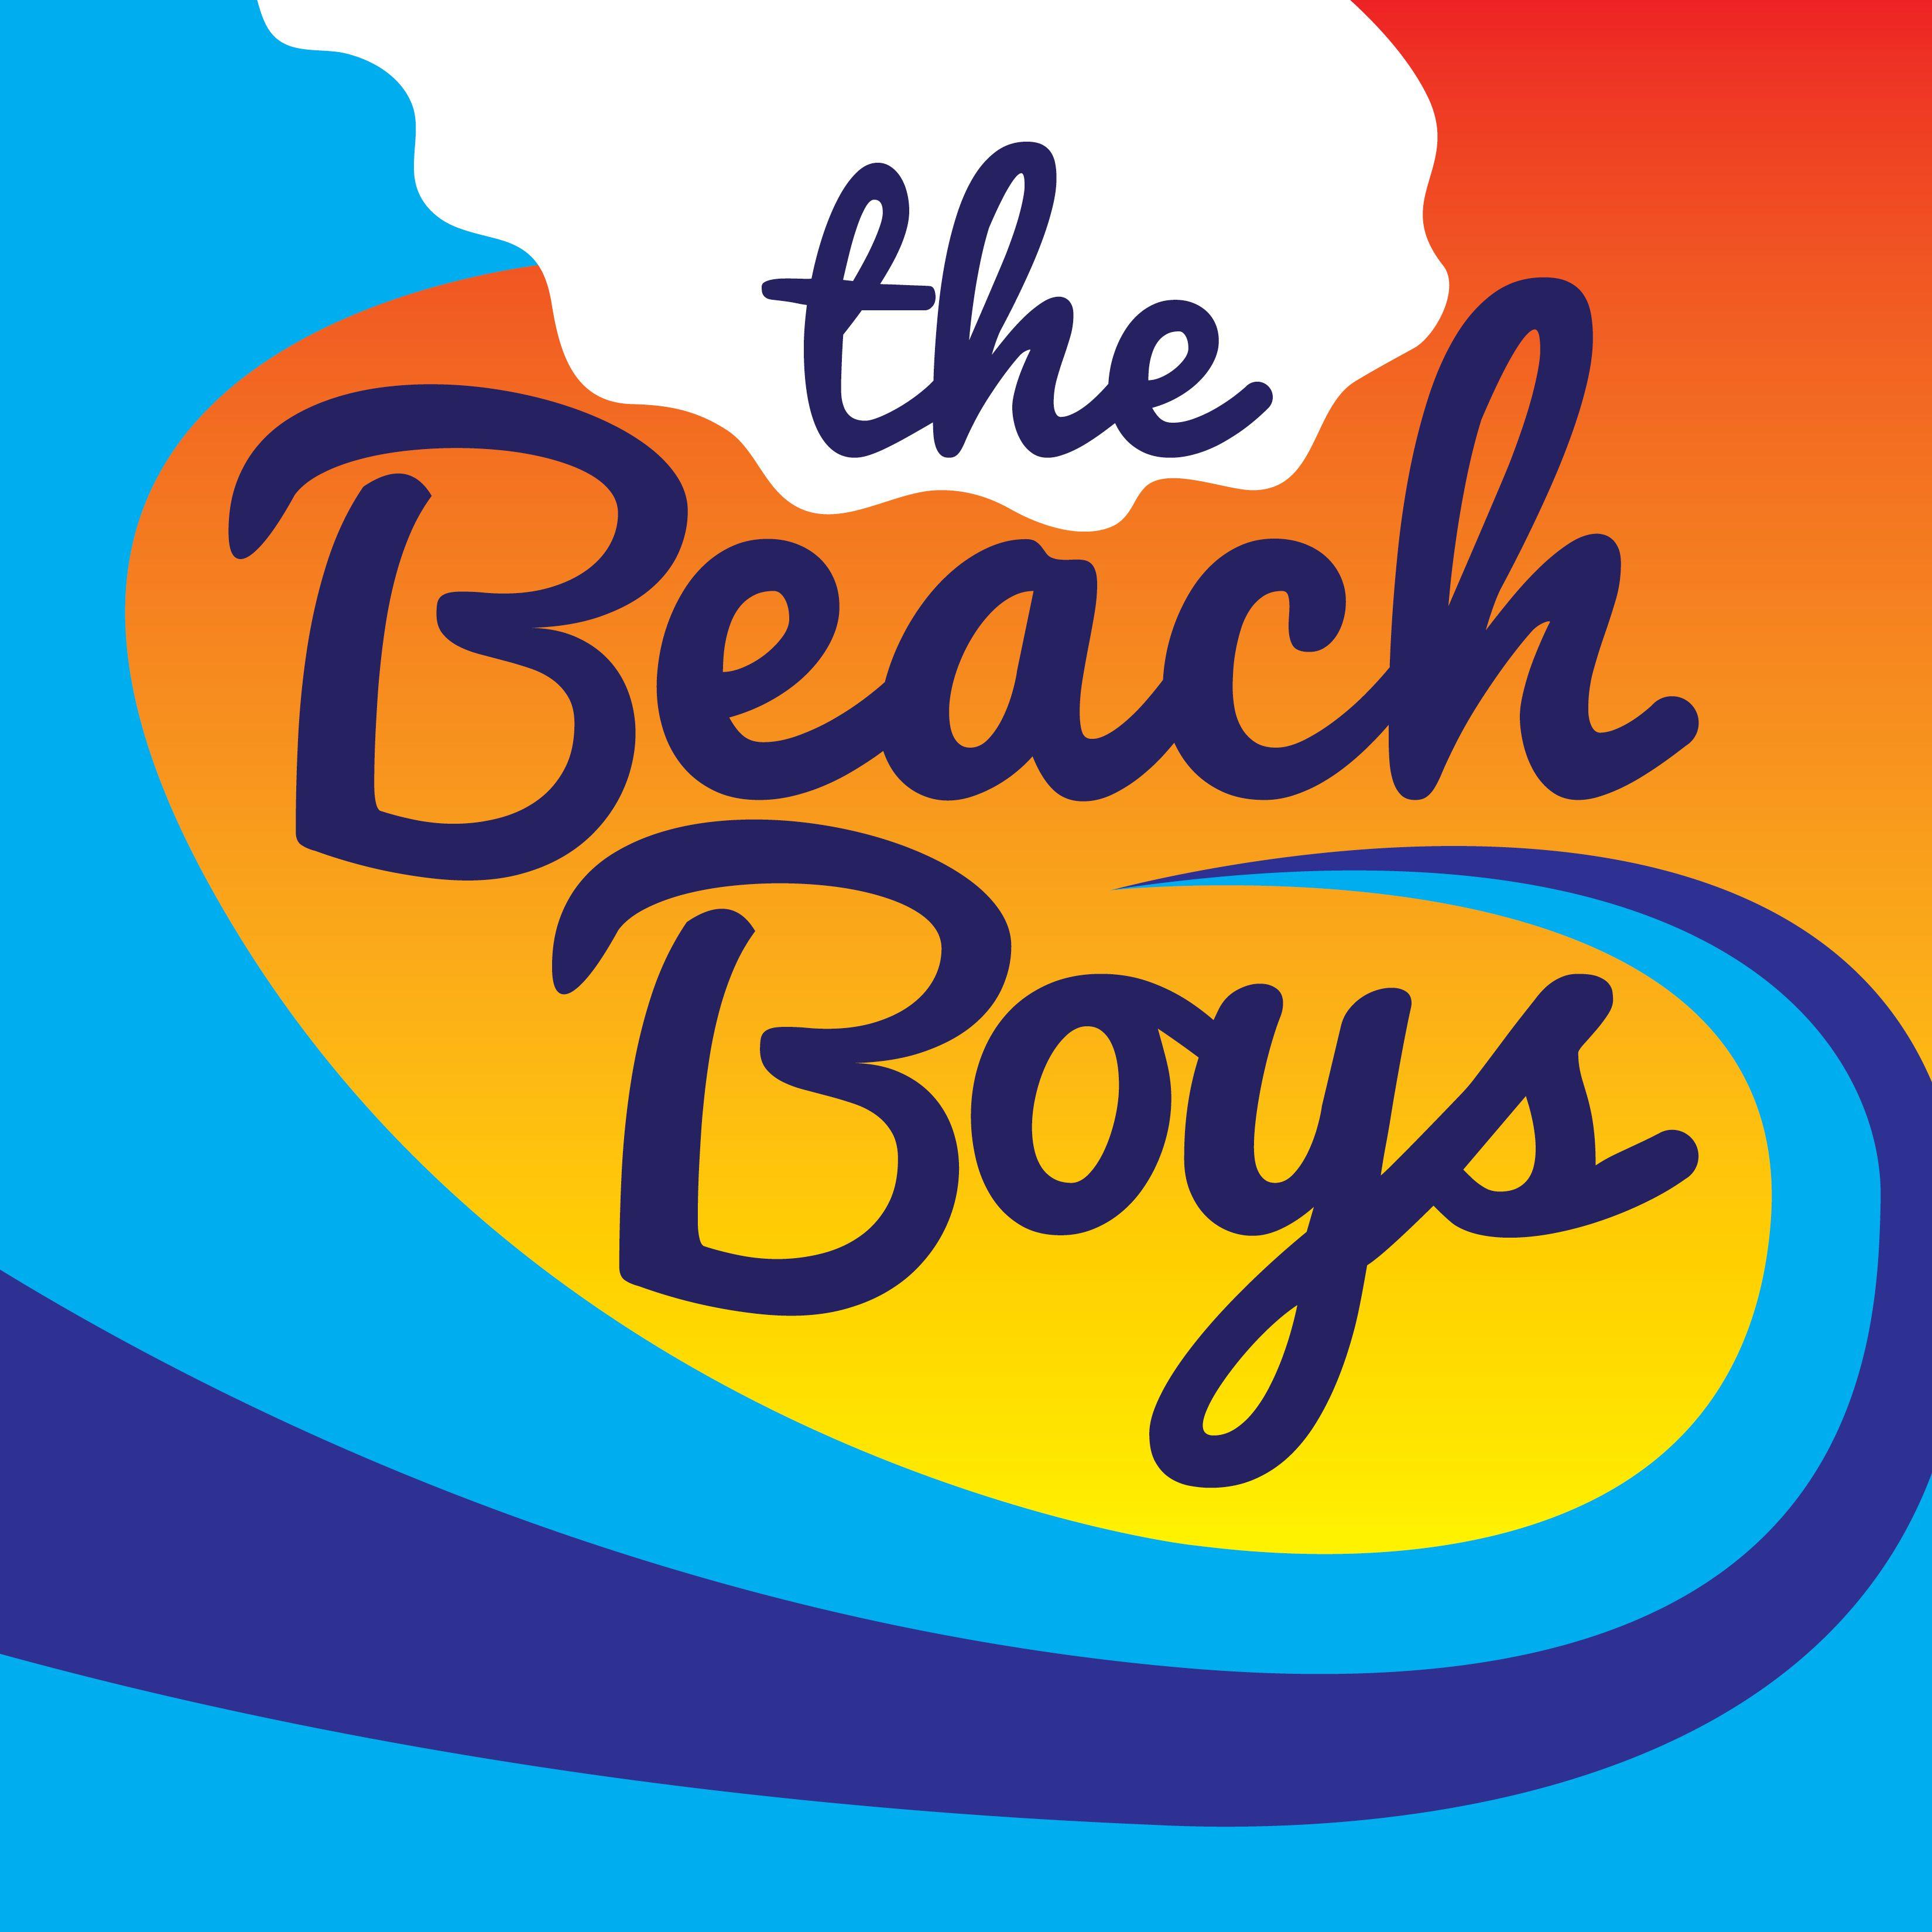 the beach boys logo.